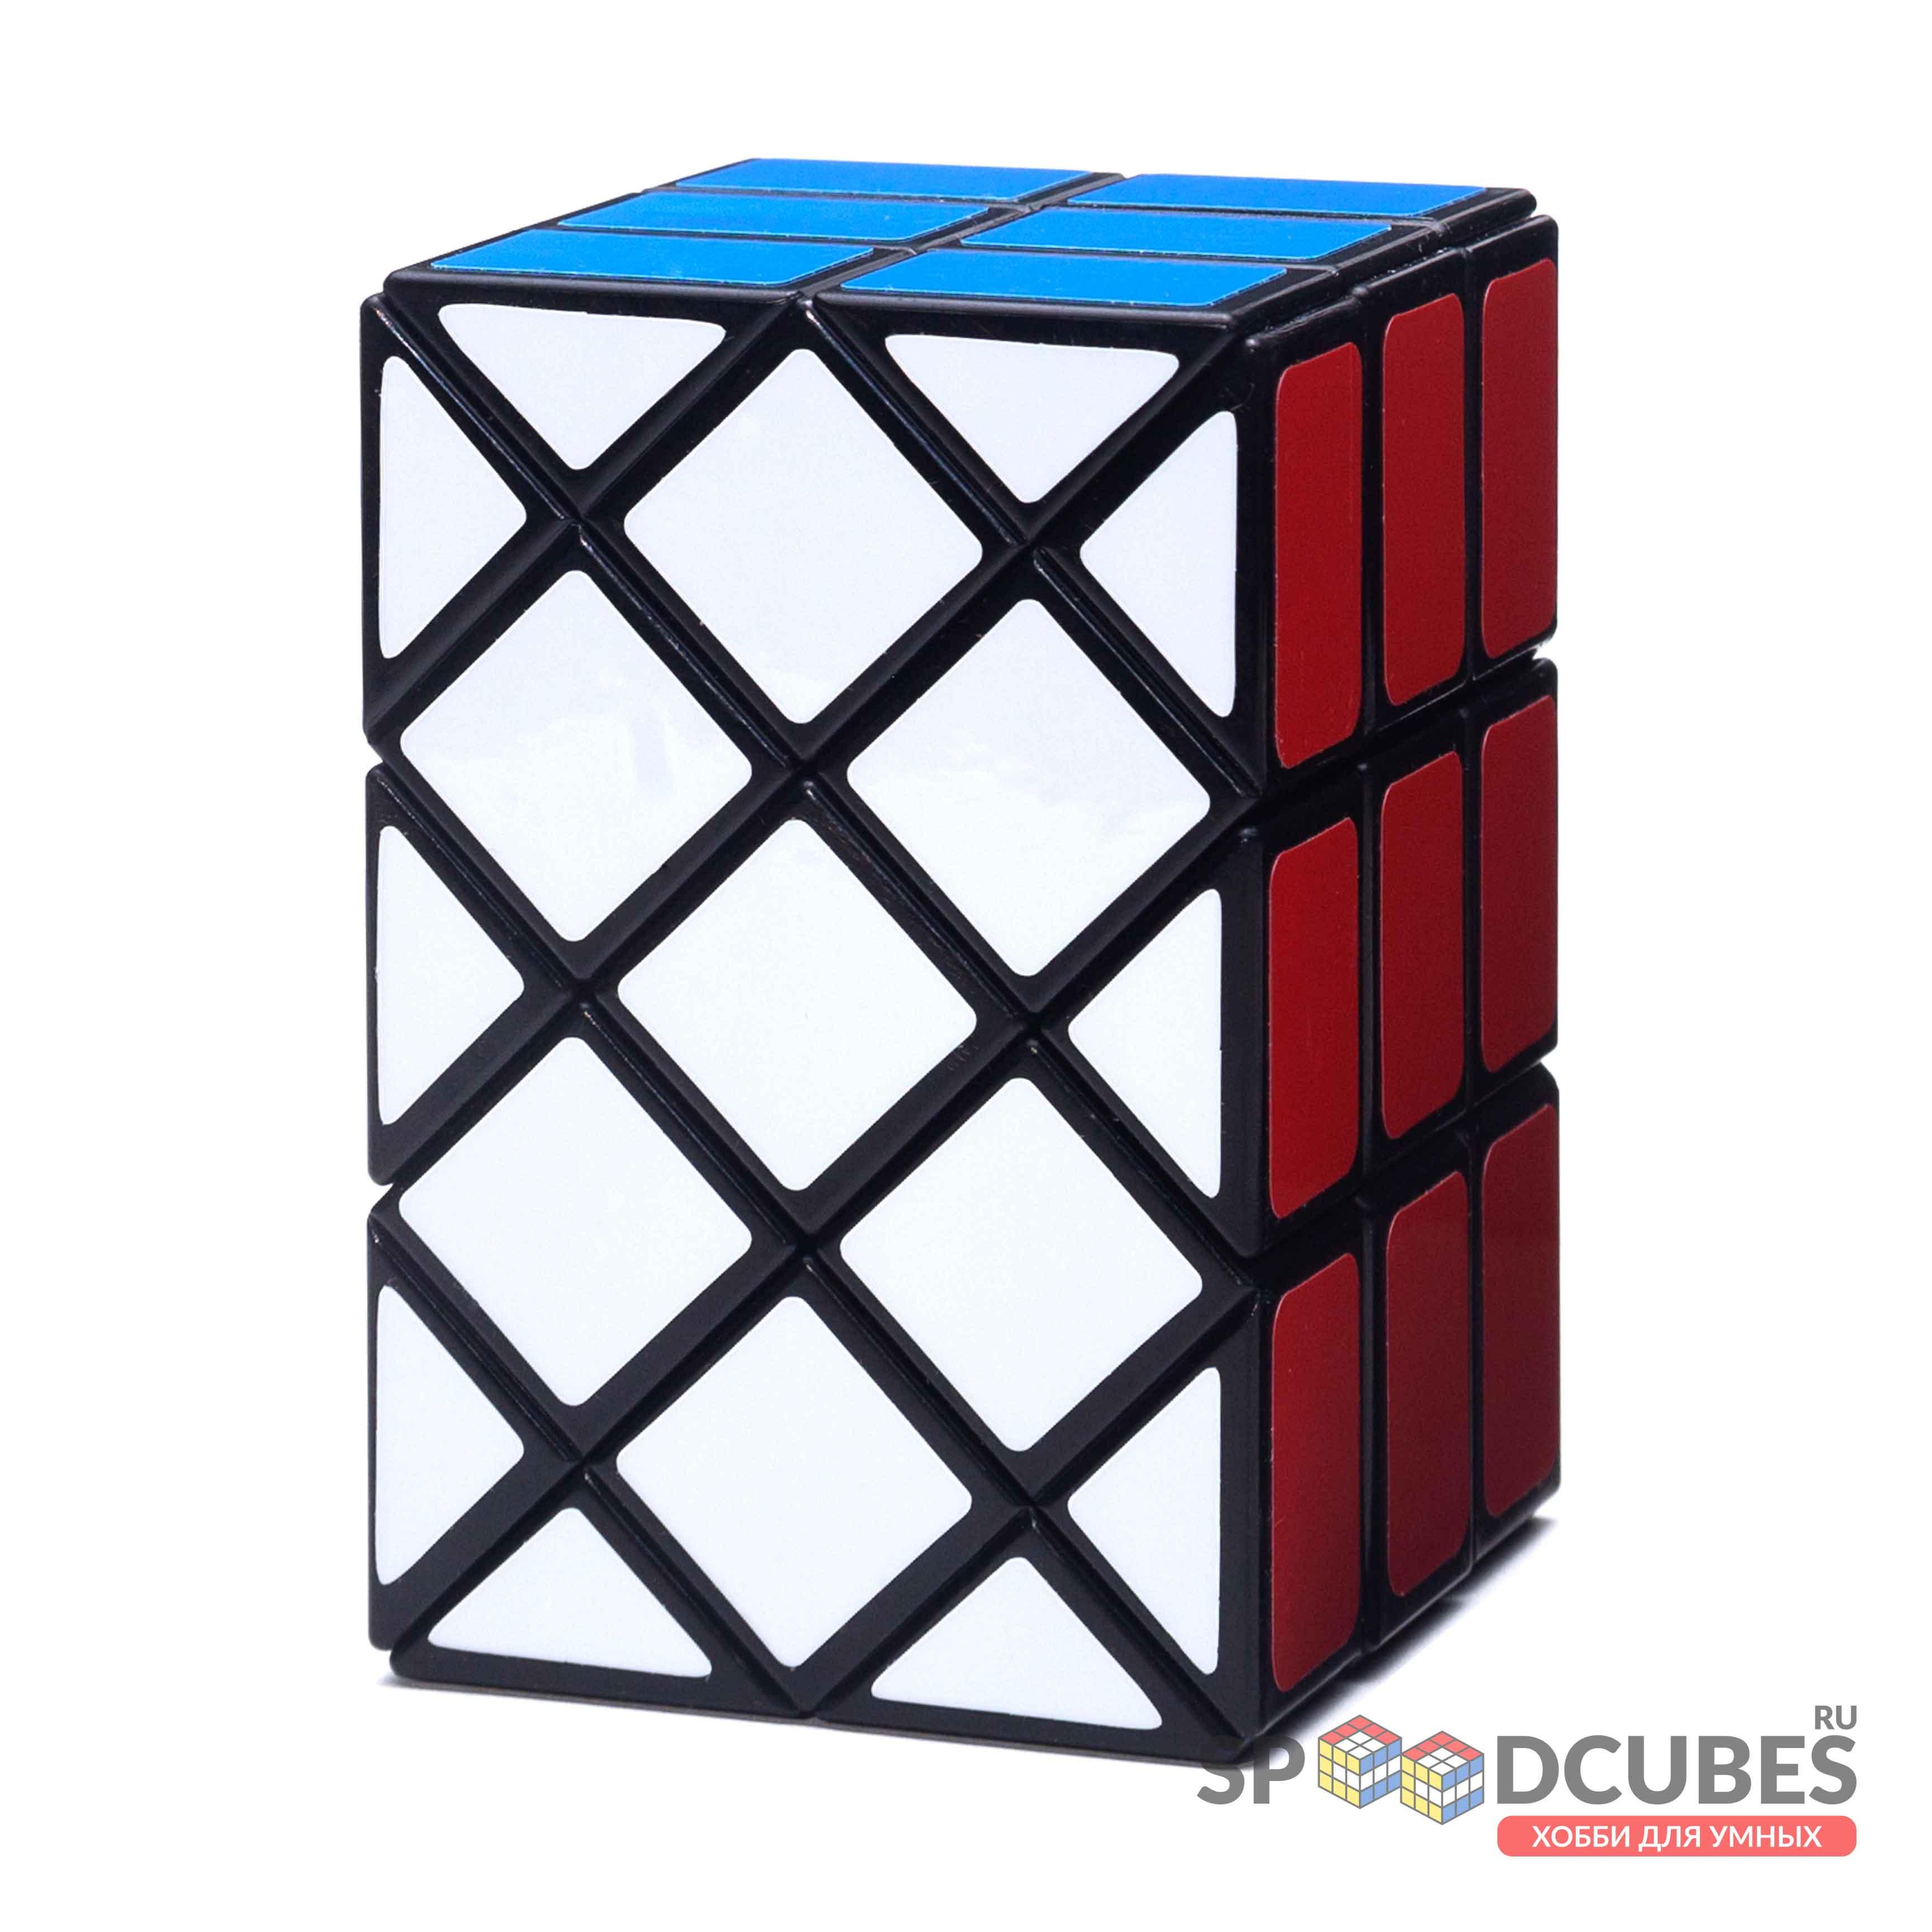 DianSheng Case Cube